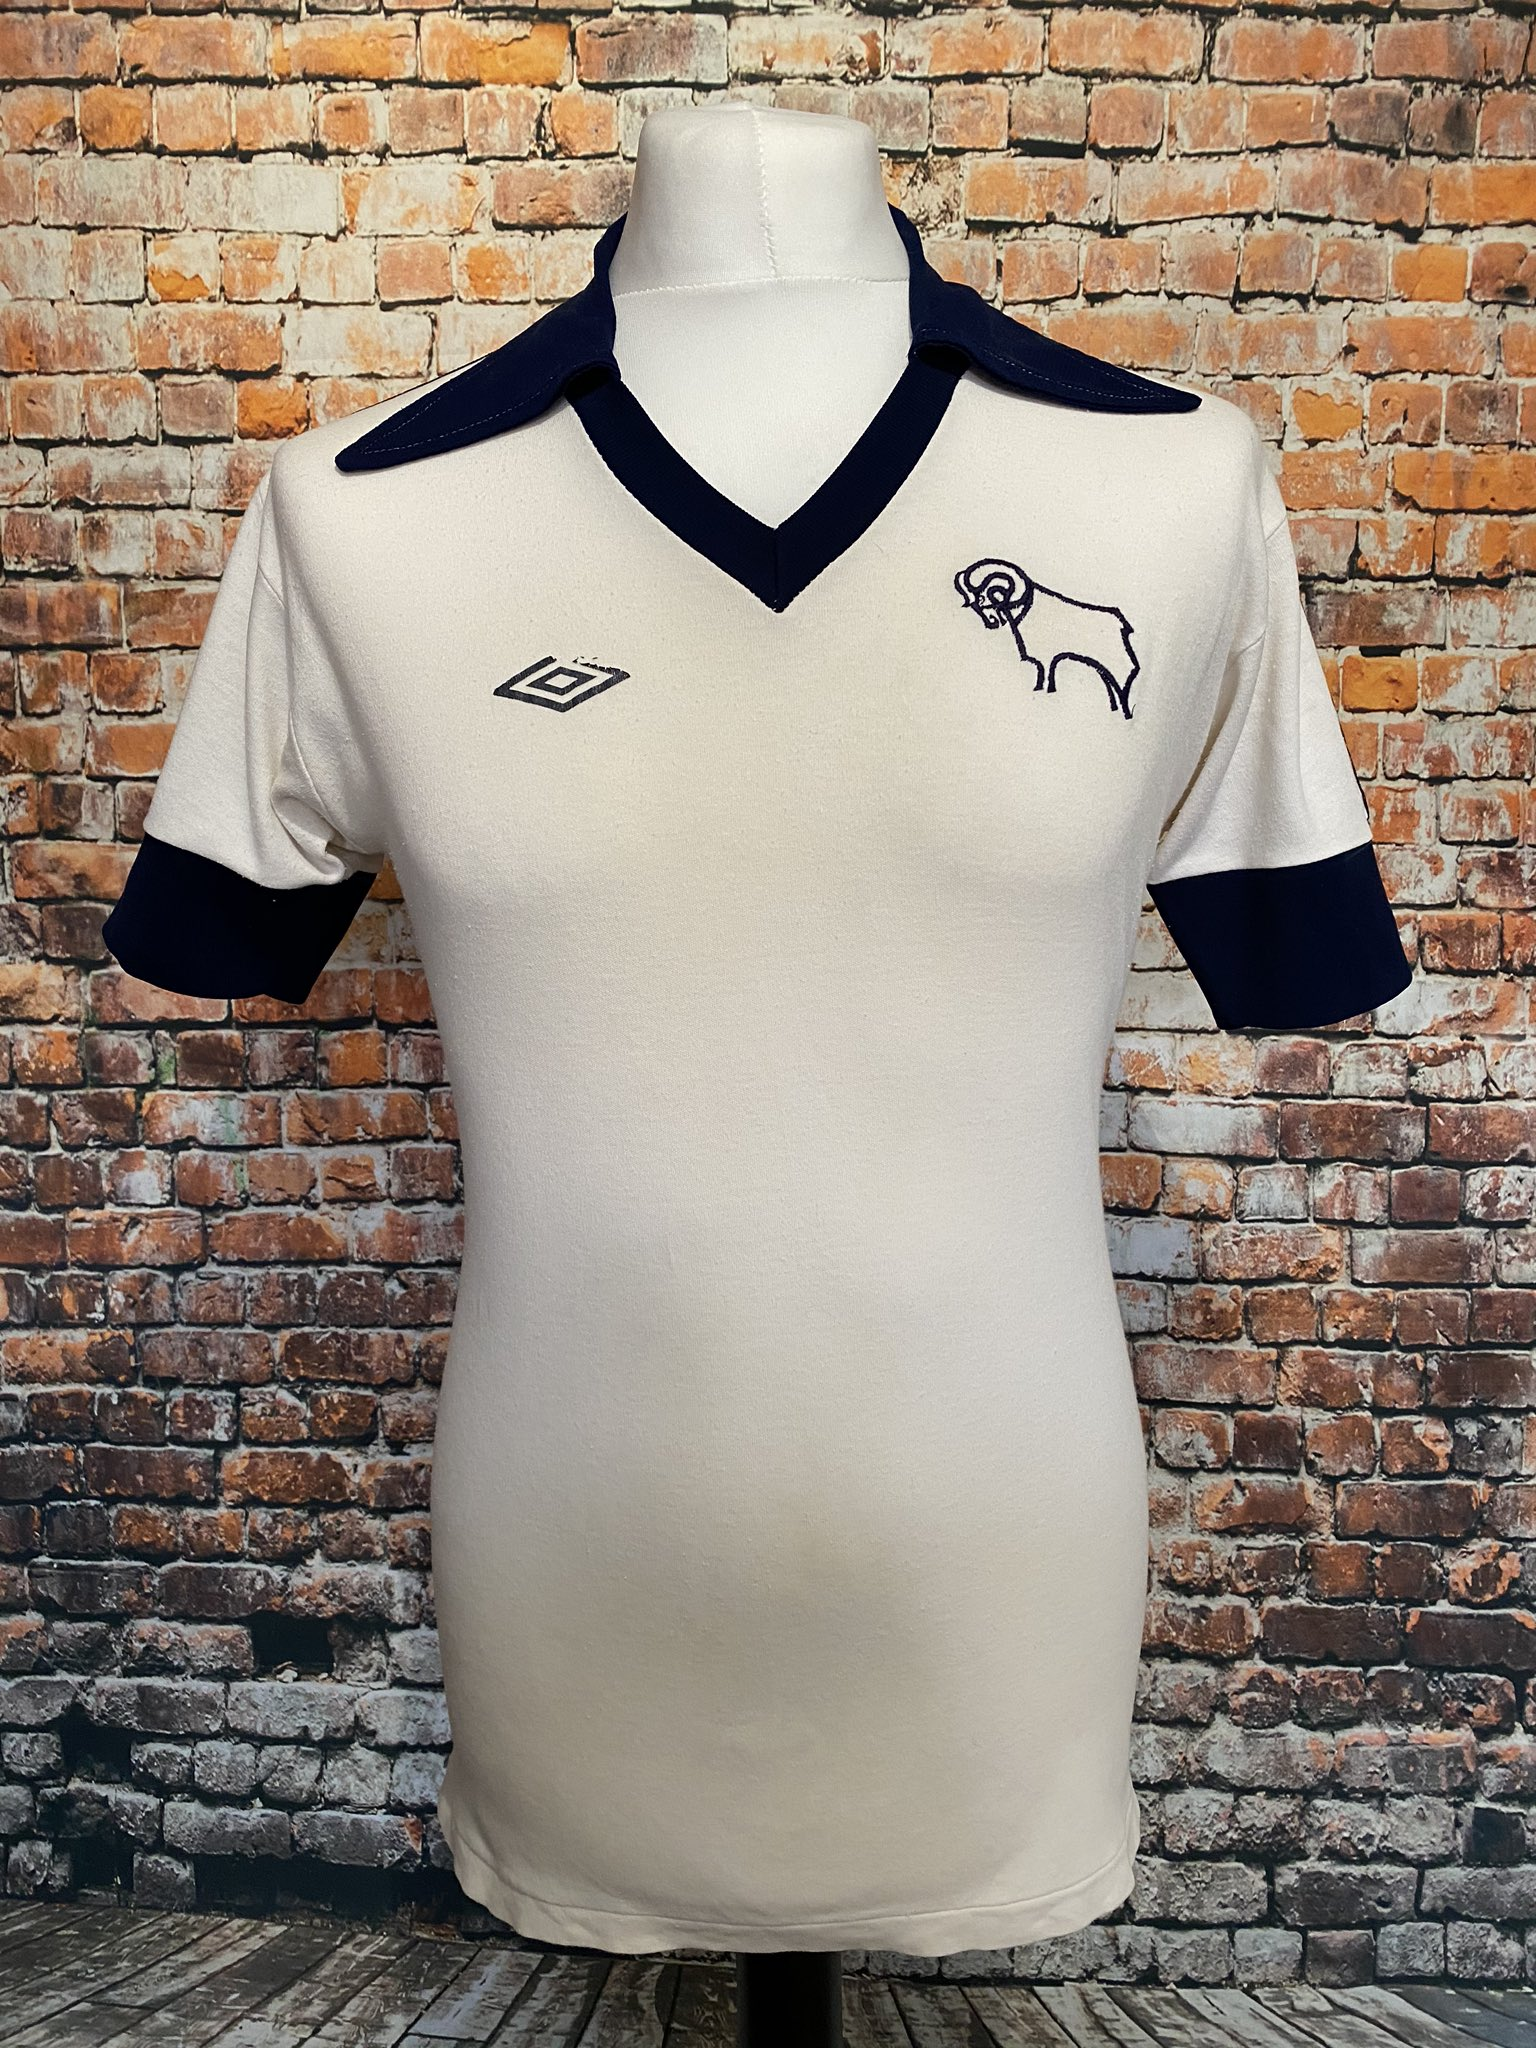 Bruce Rioch shirt, 1970s